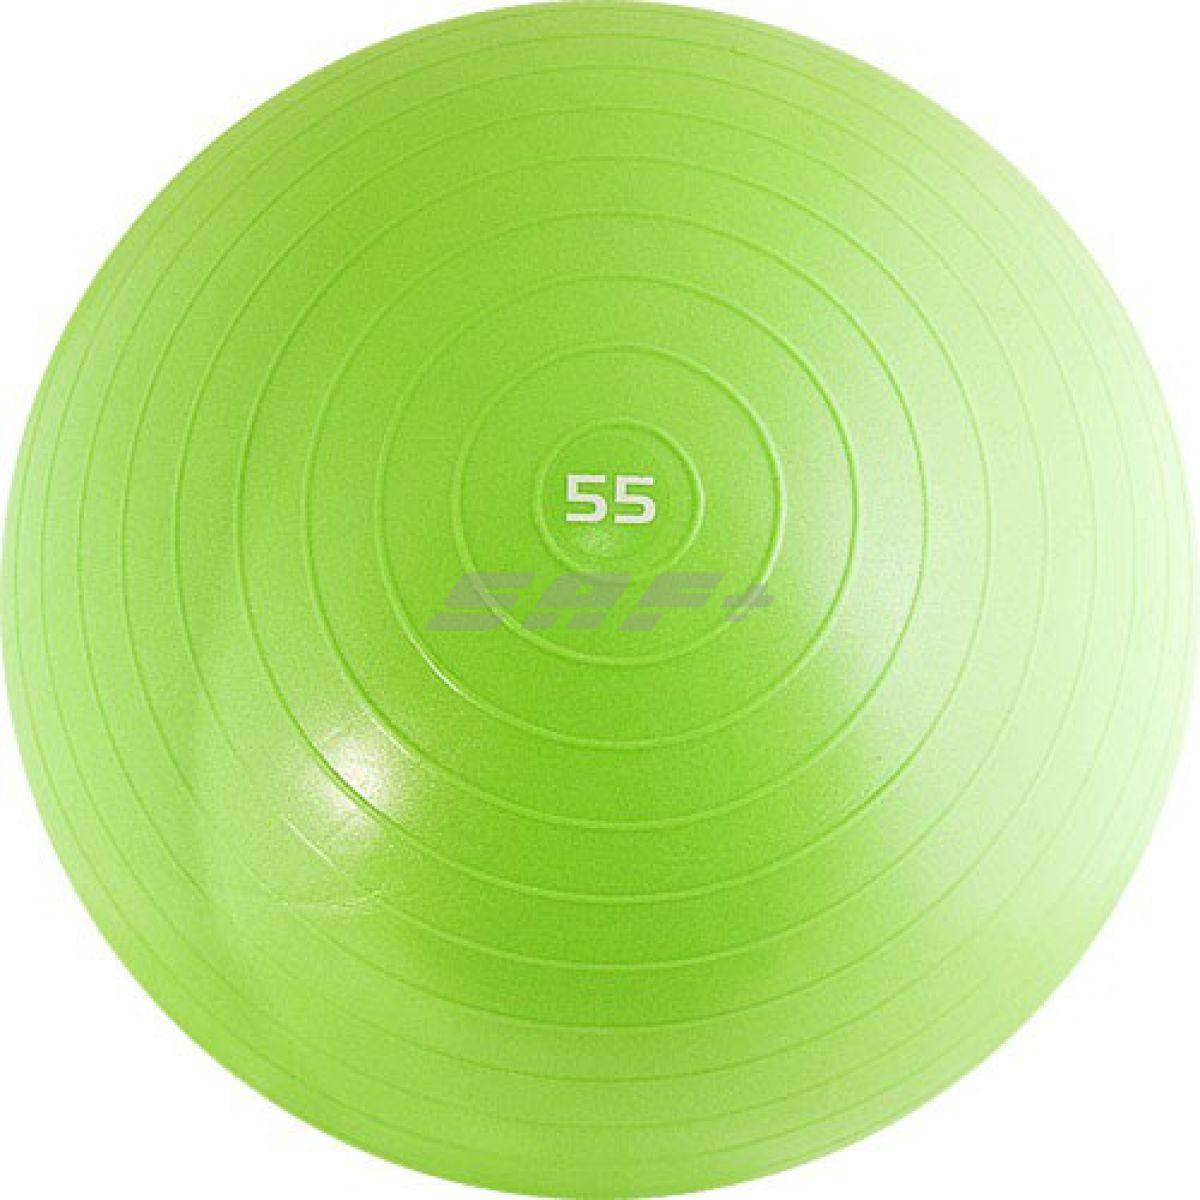 Мяч гимнастический Torres 55 см